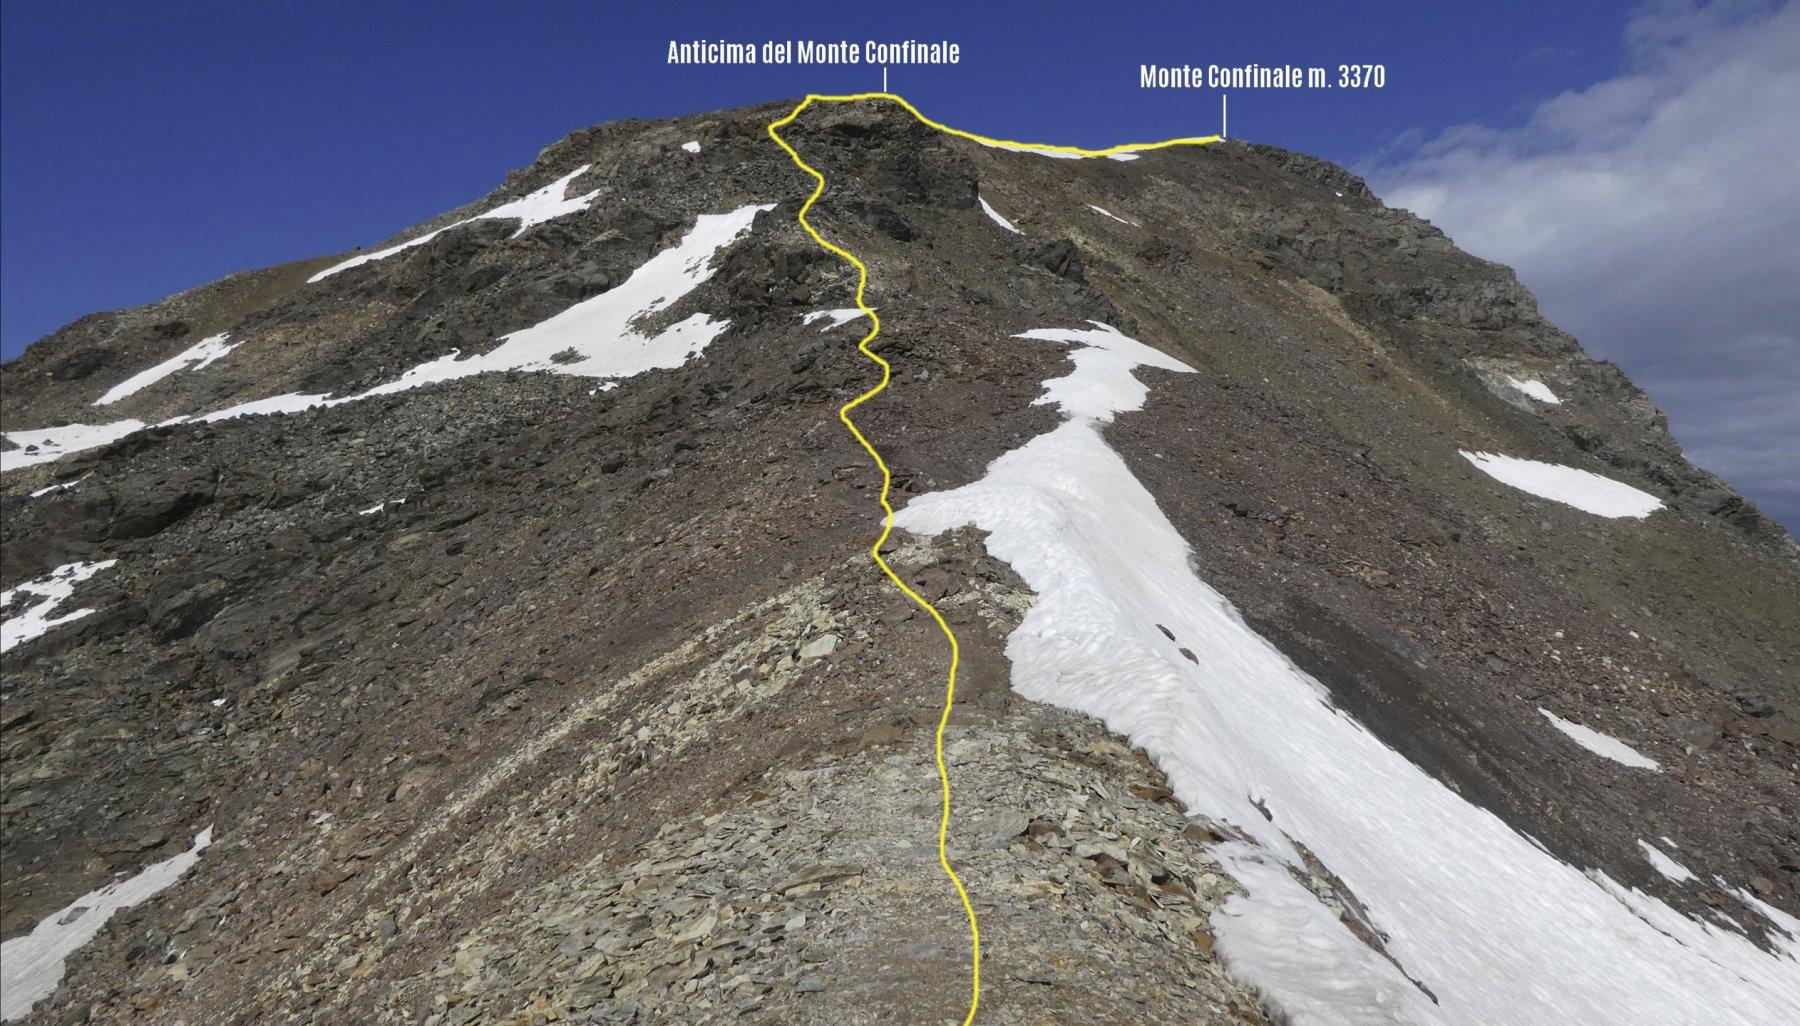 la cresta SE che si deve risalire osservata dal Bivacco del Piero